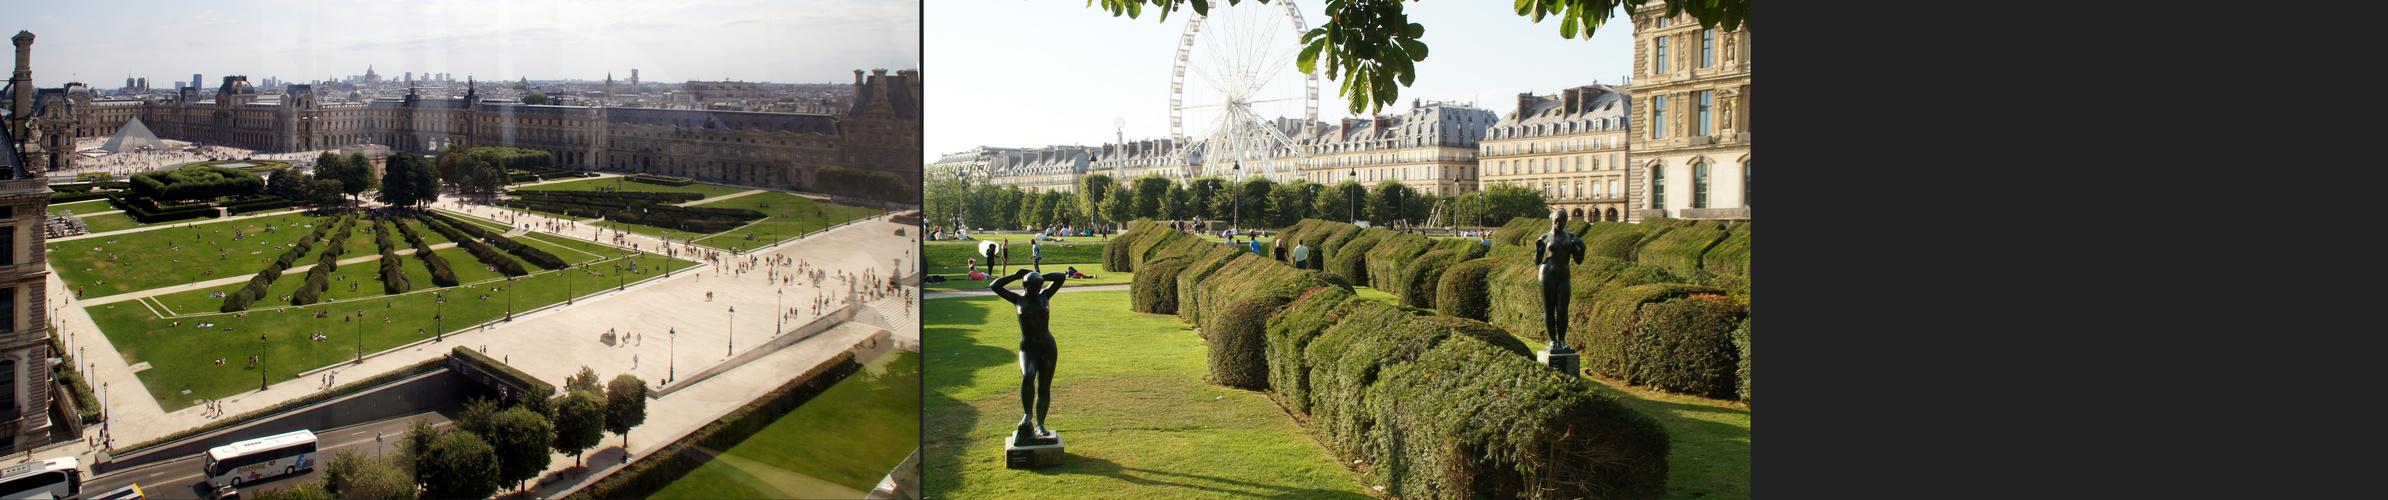 Paris: Hin- und Rückblick